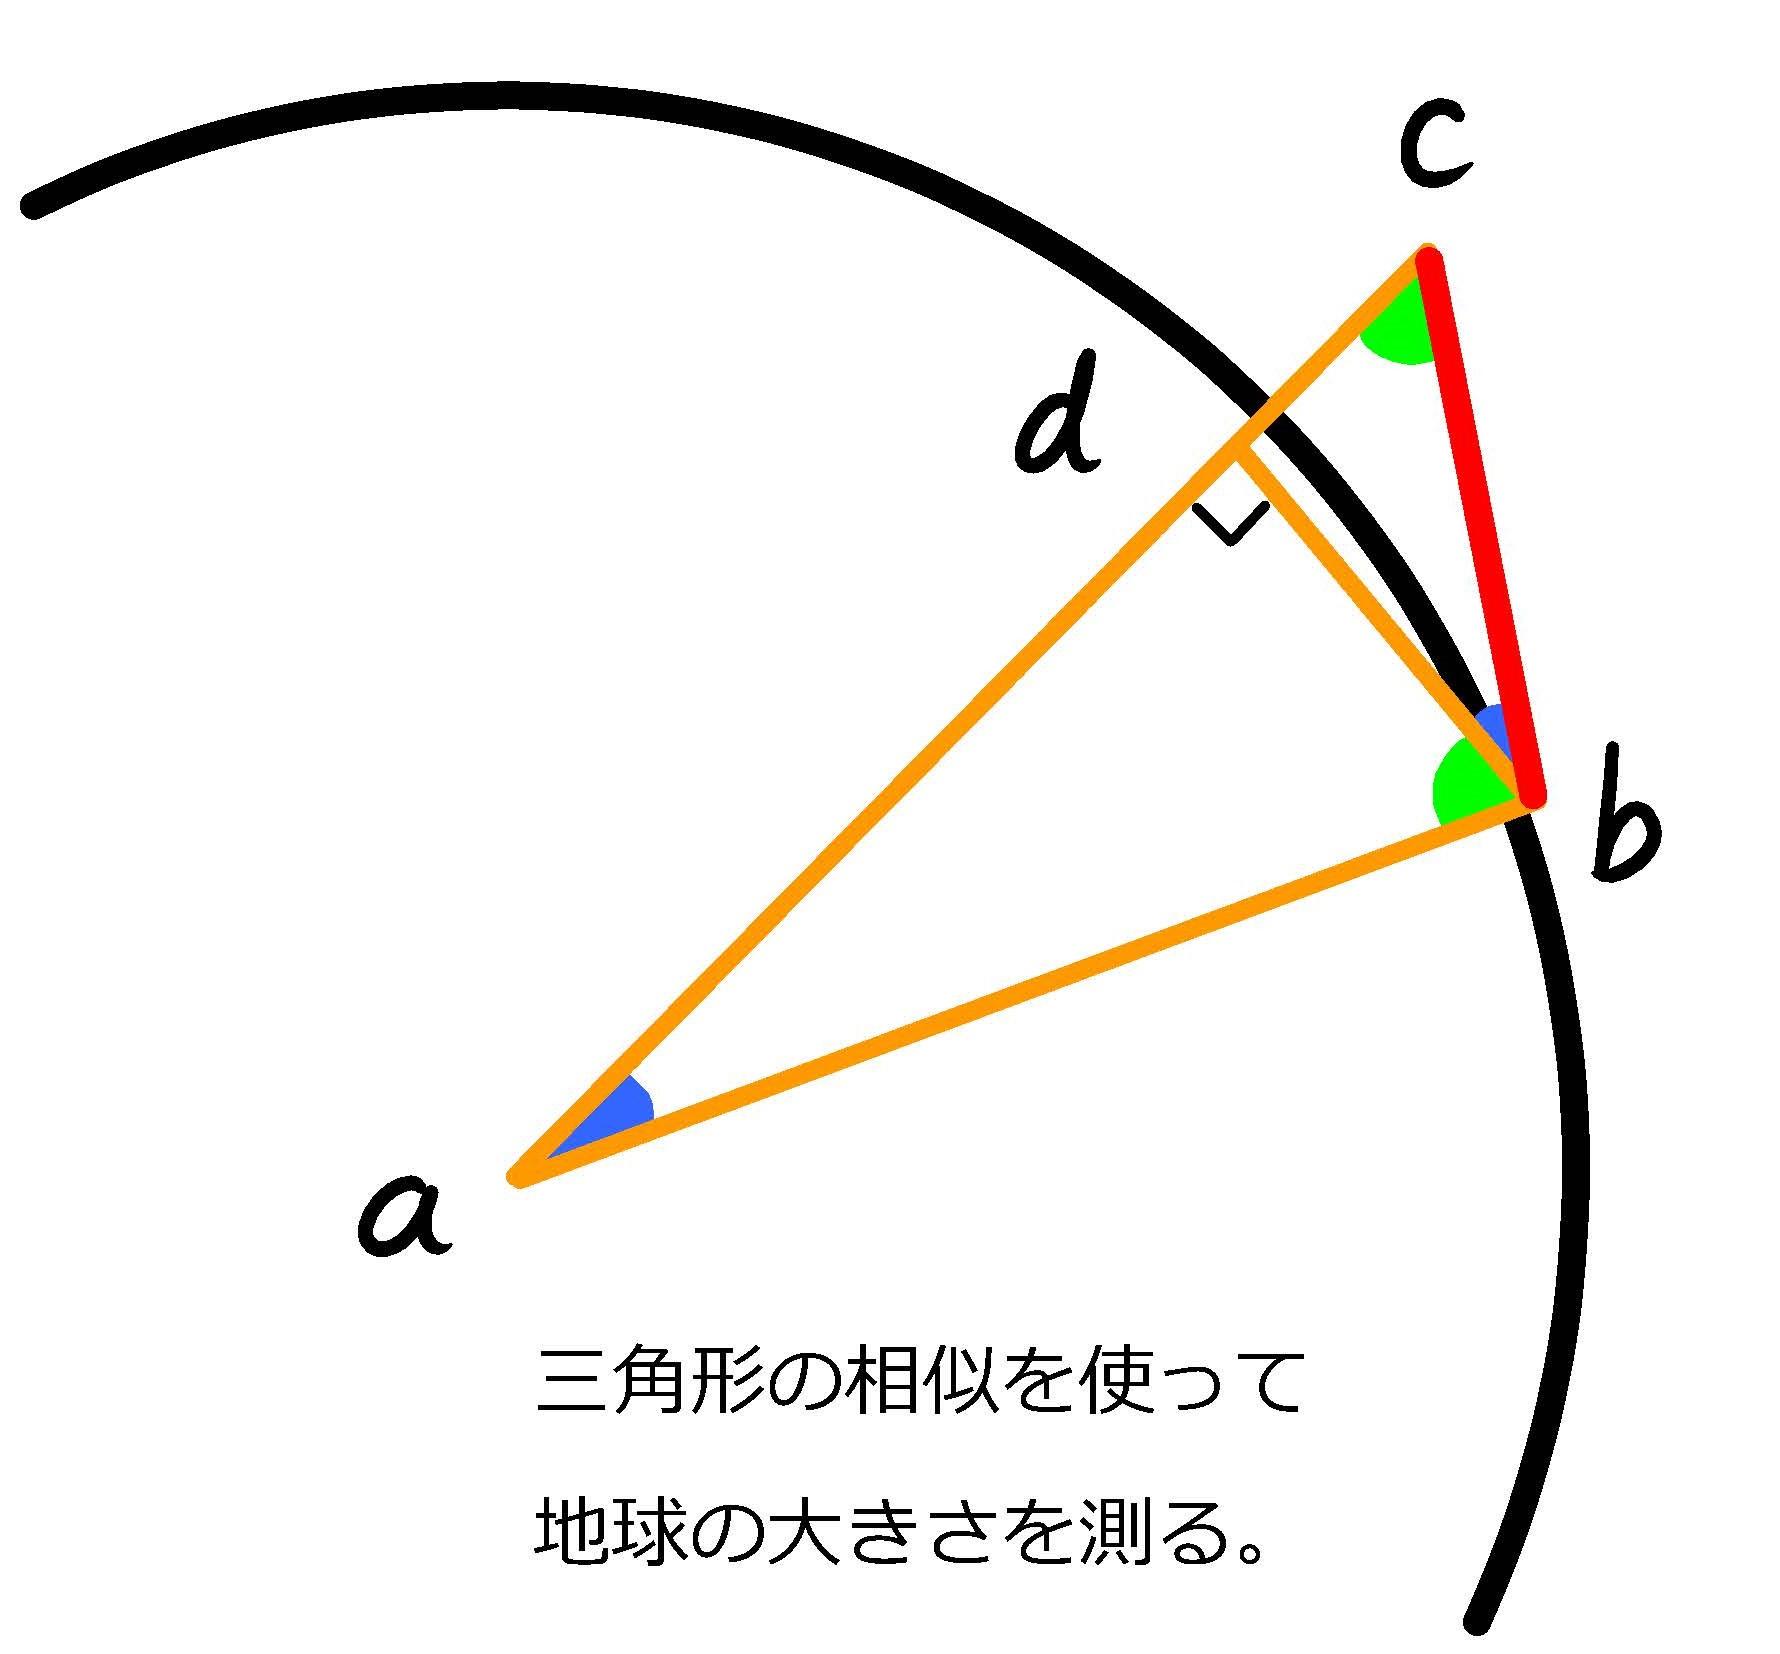 中日文化賞贈呈式_c0194469_1659399.jpg